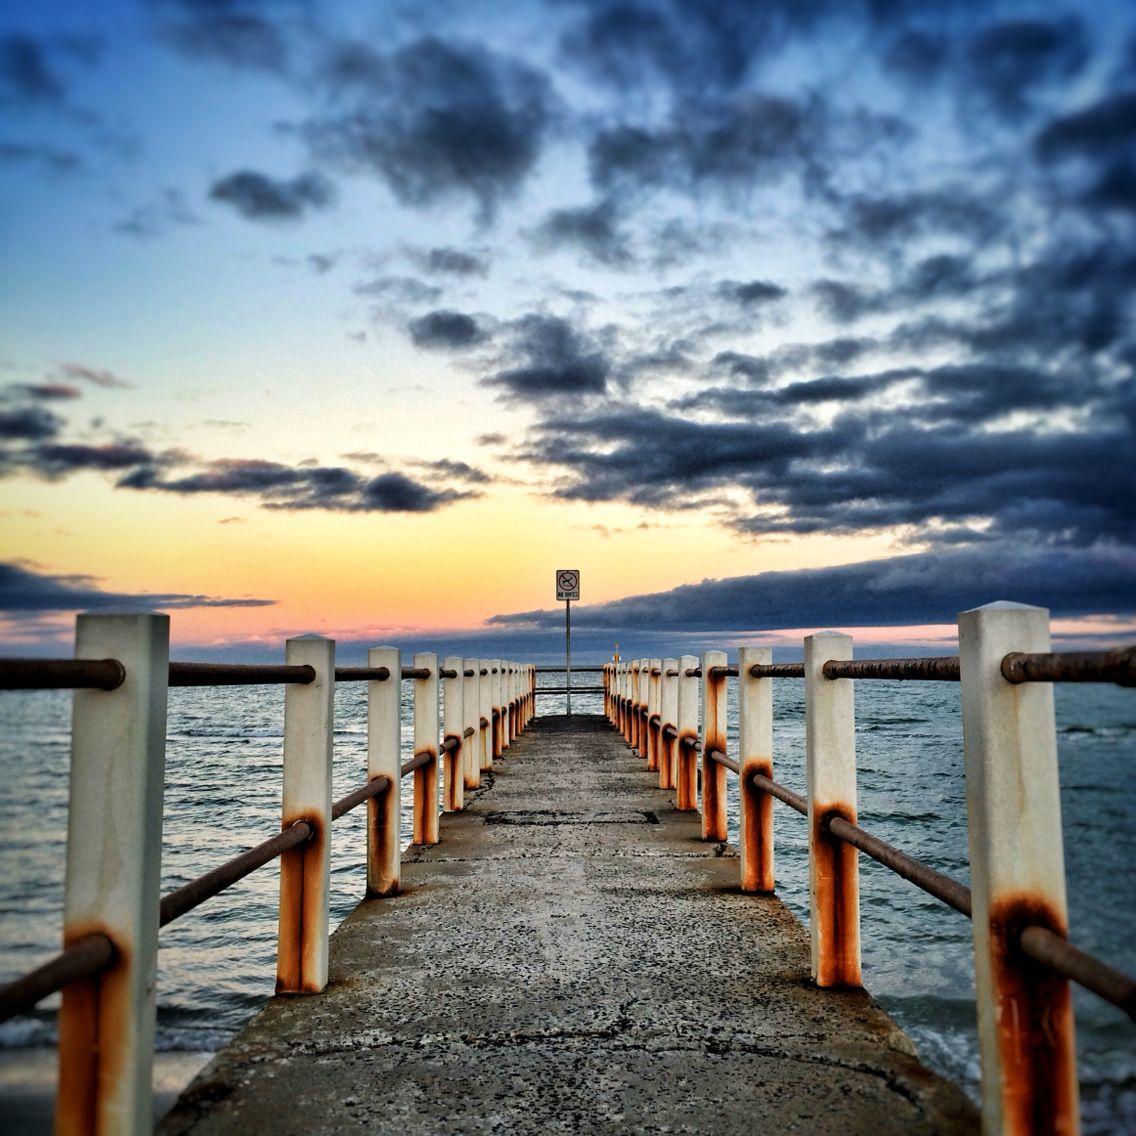 Dawn at Chelsea Beach, Melbourne